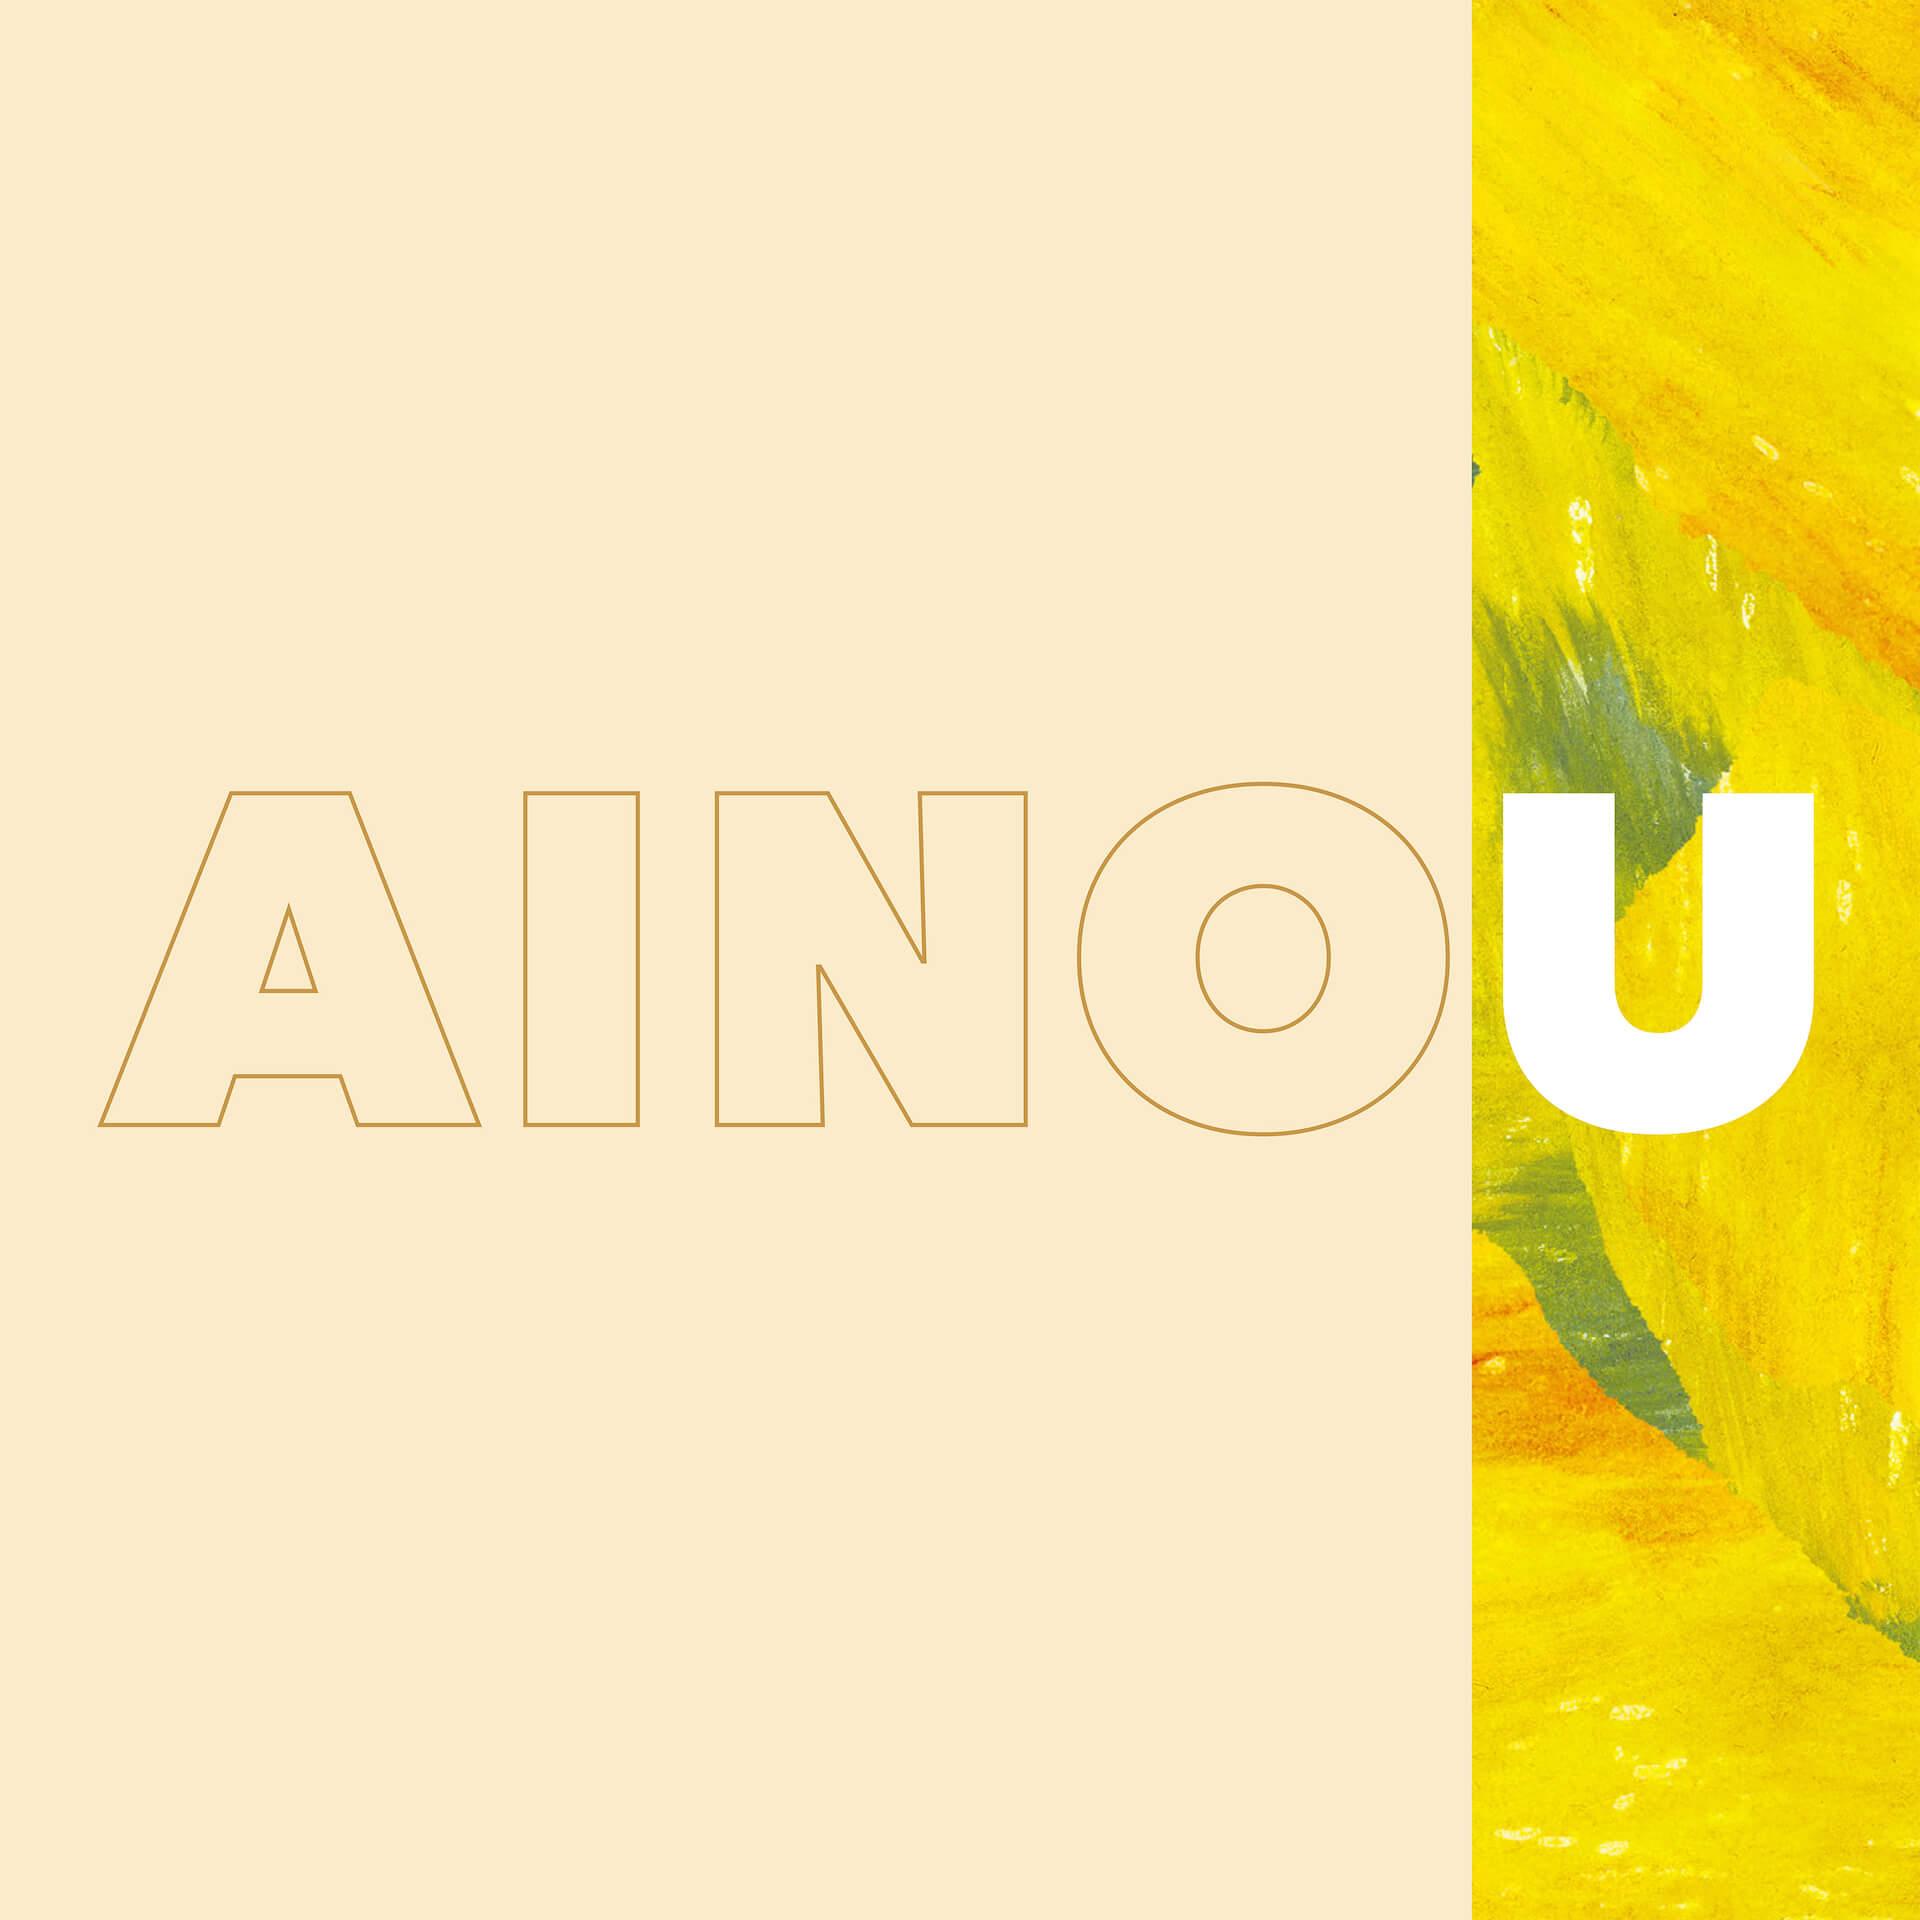 中村佳穂の6都市を周る初の全国ツアーが開催決定!『AINOU』の購入者プレゼントキャンペーンも実施 music210716_nakamurakaho_3